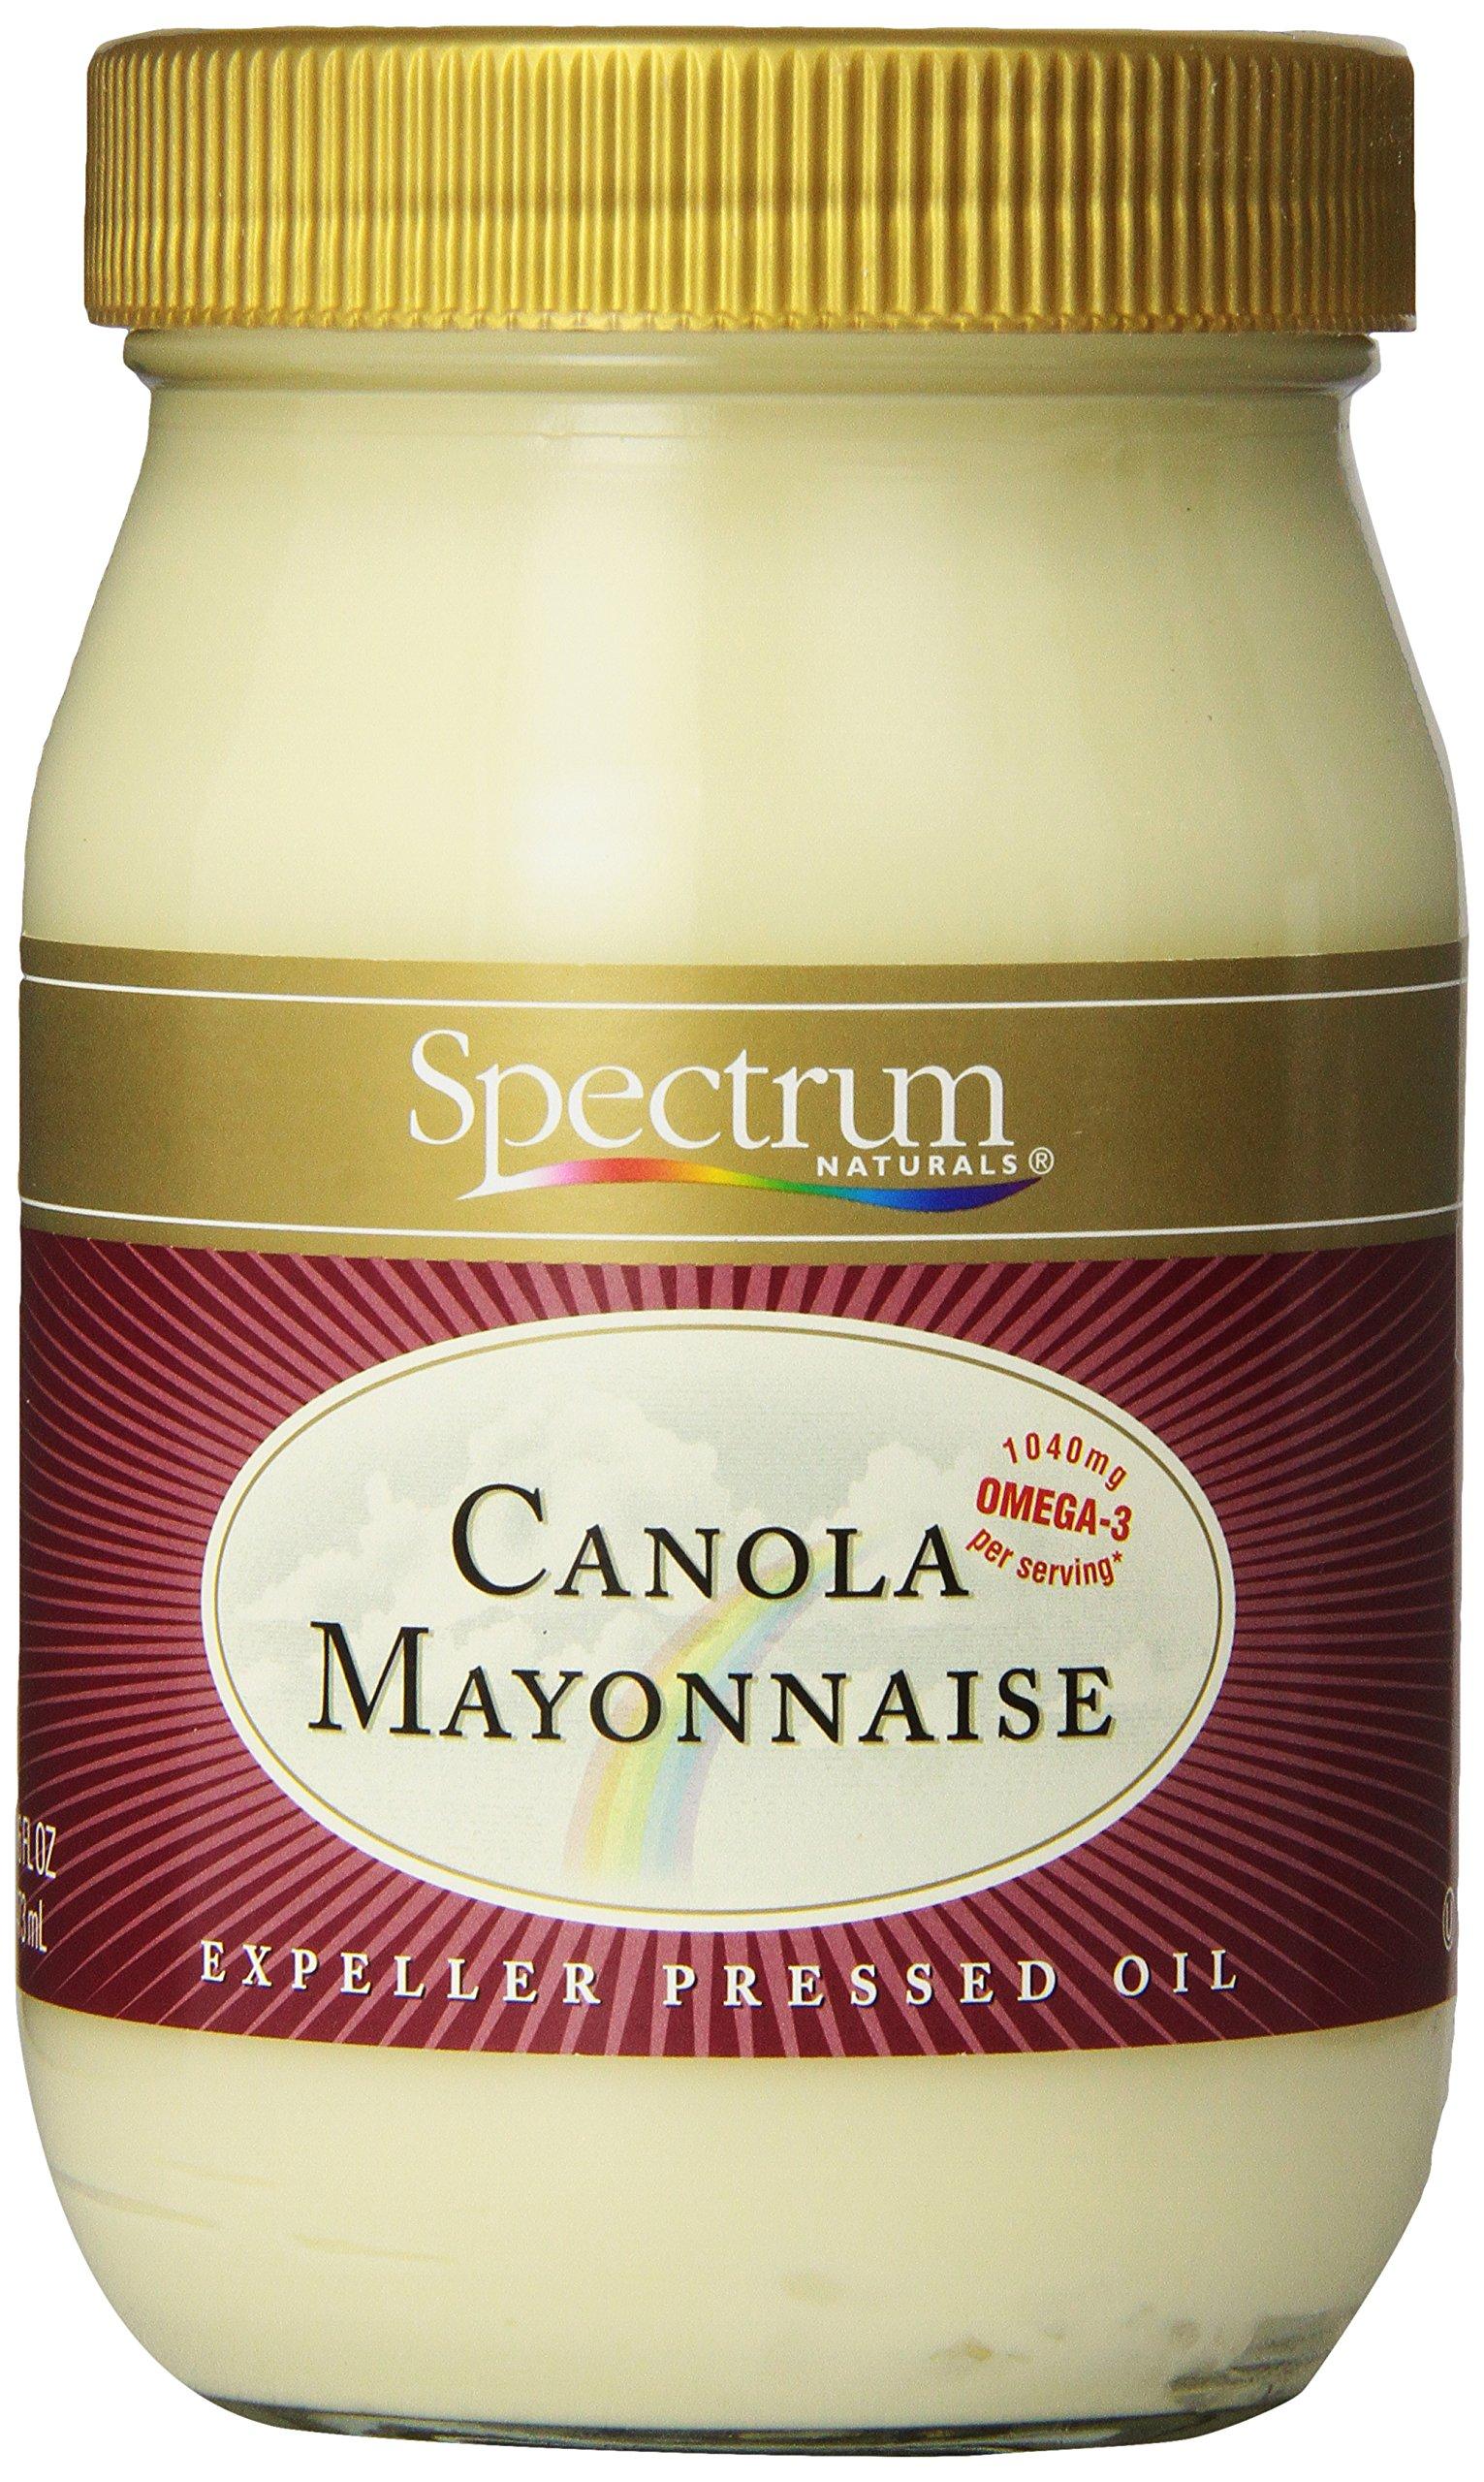 Spectrum, Canola Mayonnaise, 16 oz